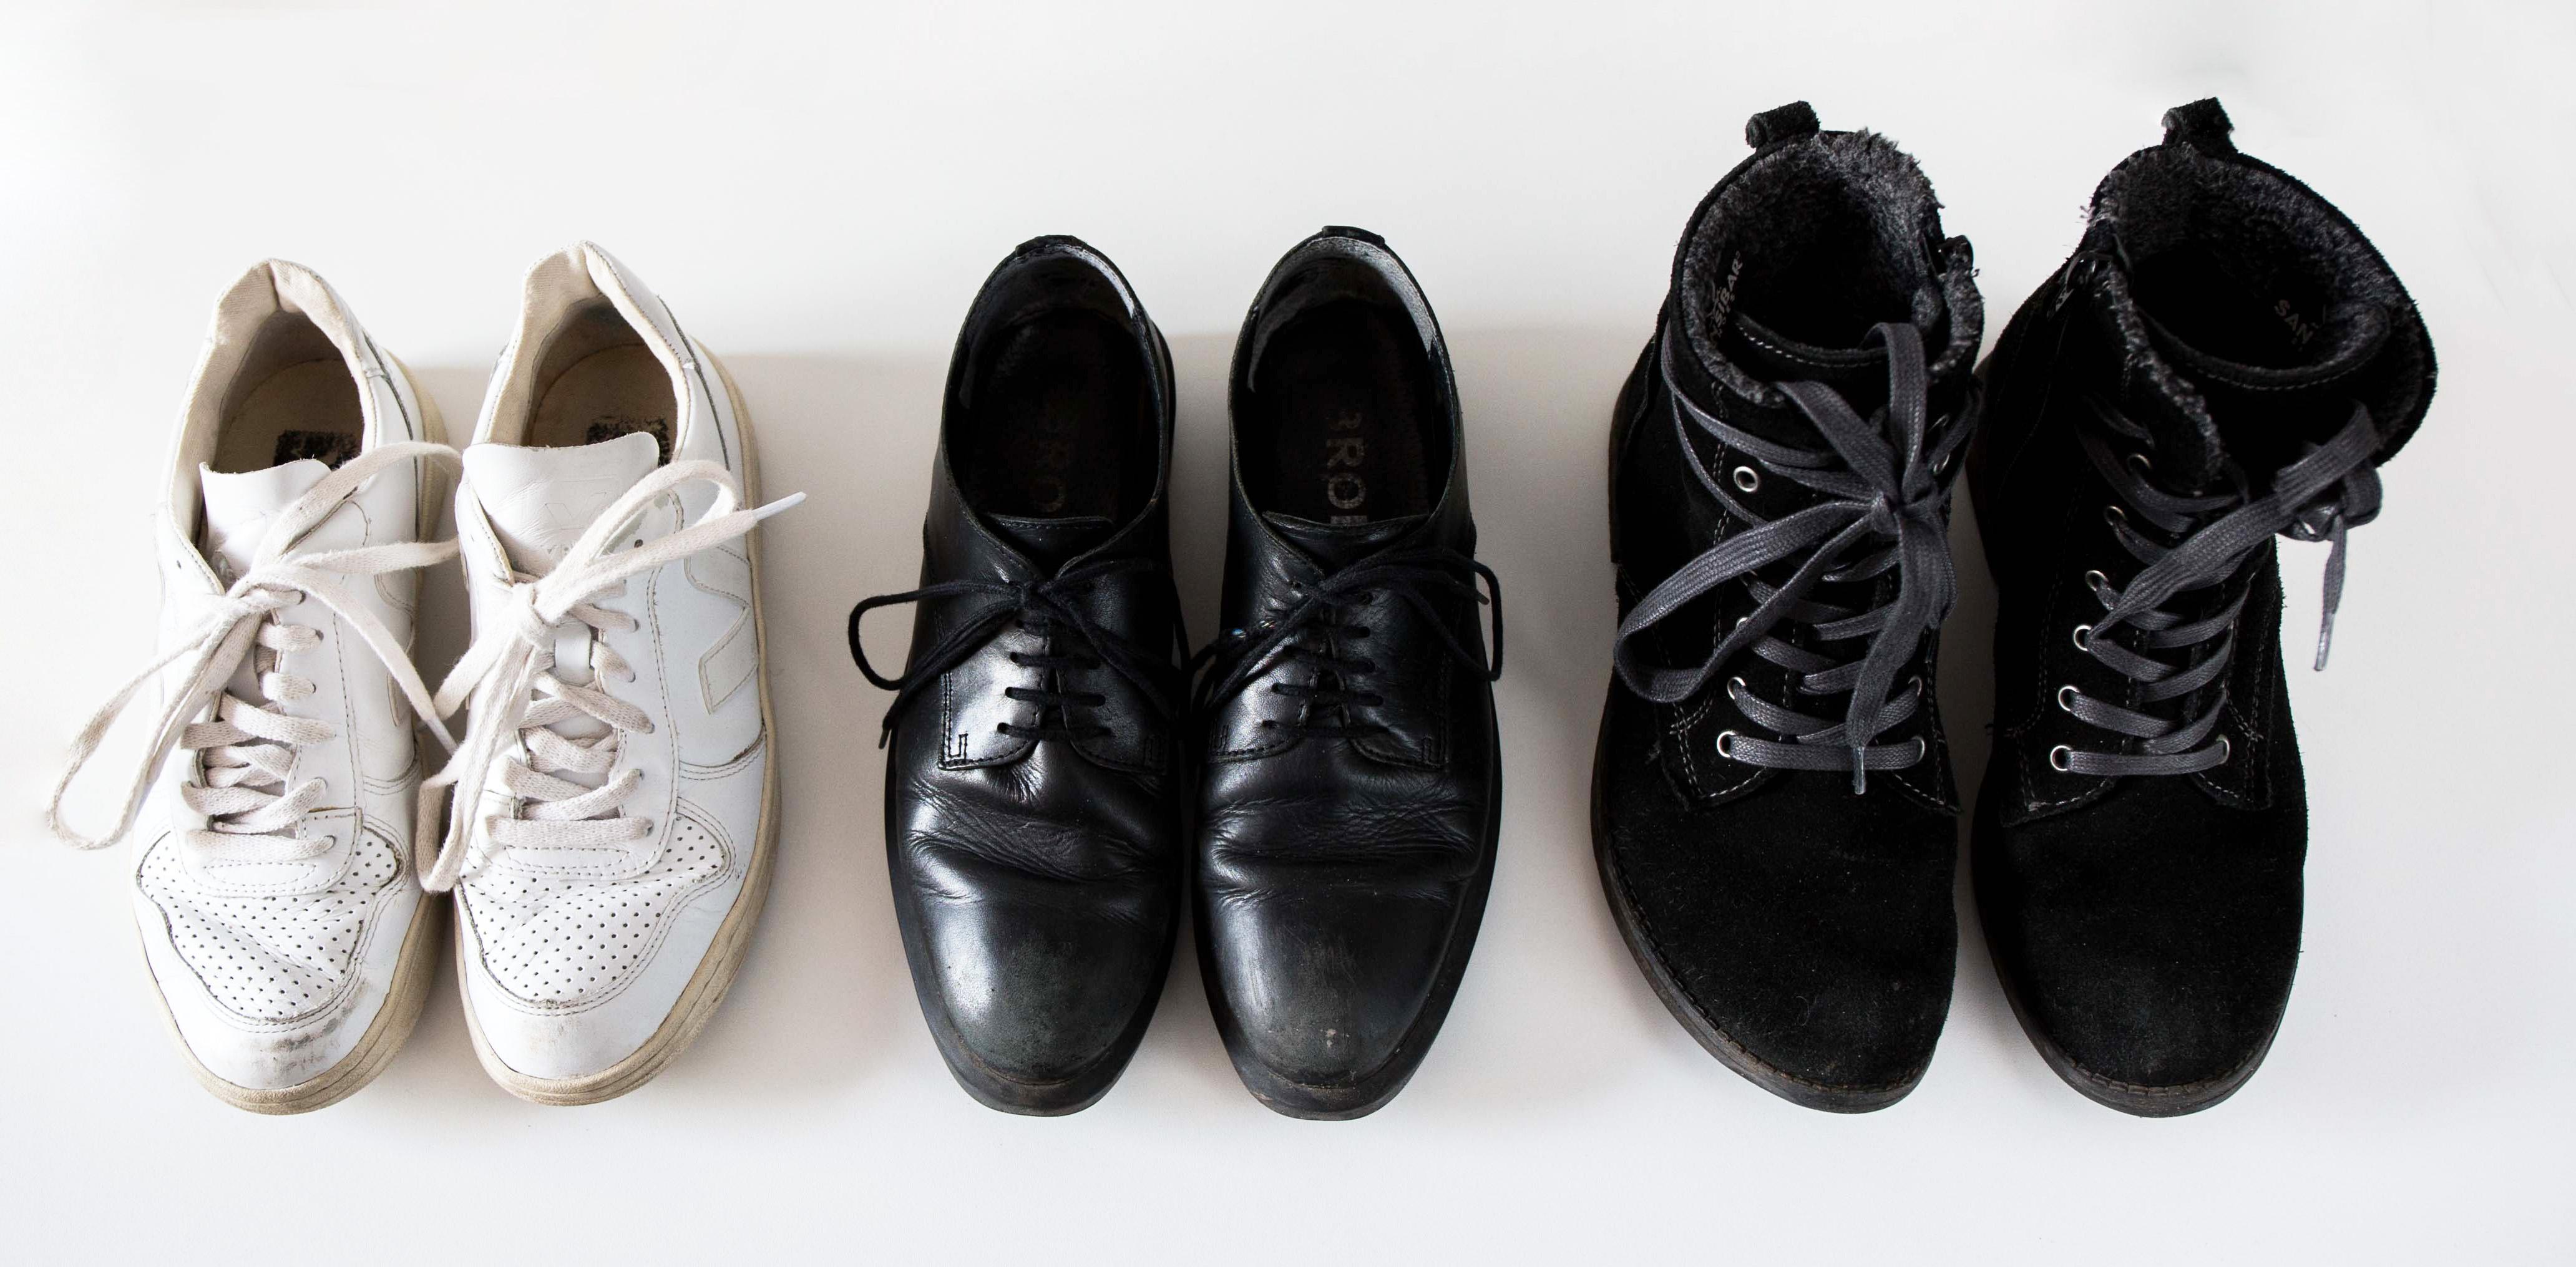 Minimalismus: Einblick in einen minimalistischen Kleiderschrank